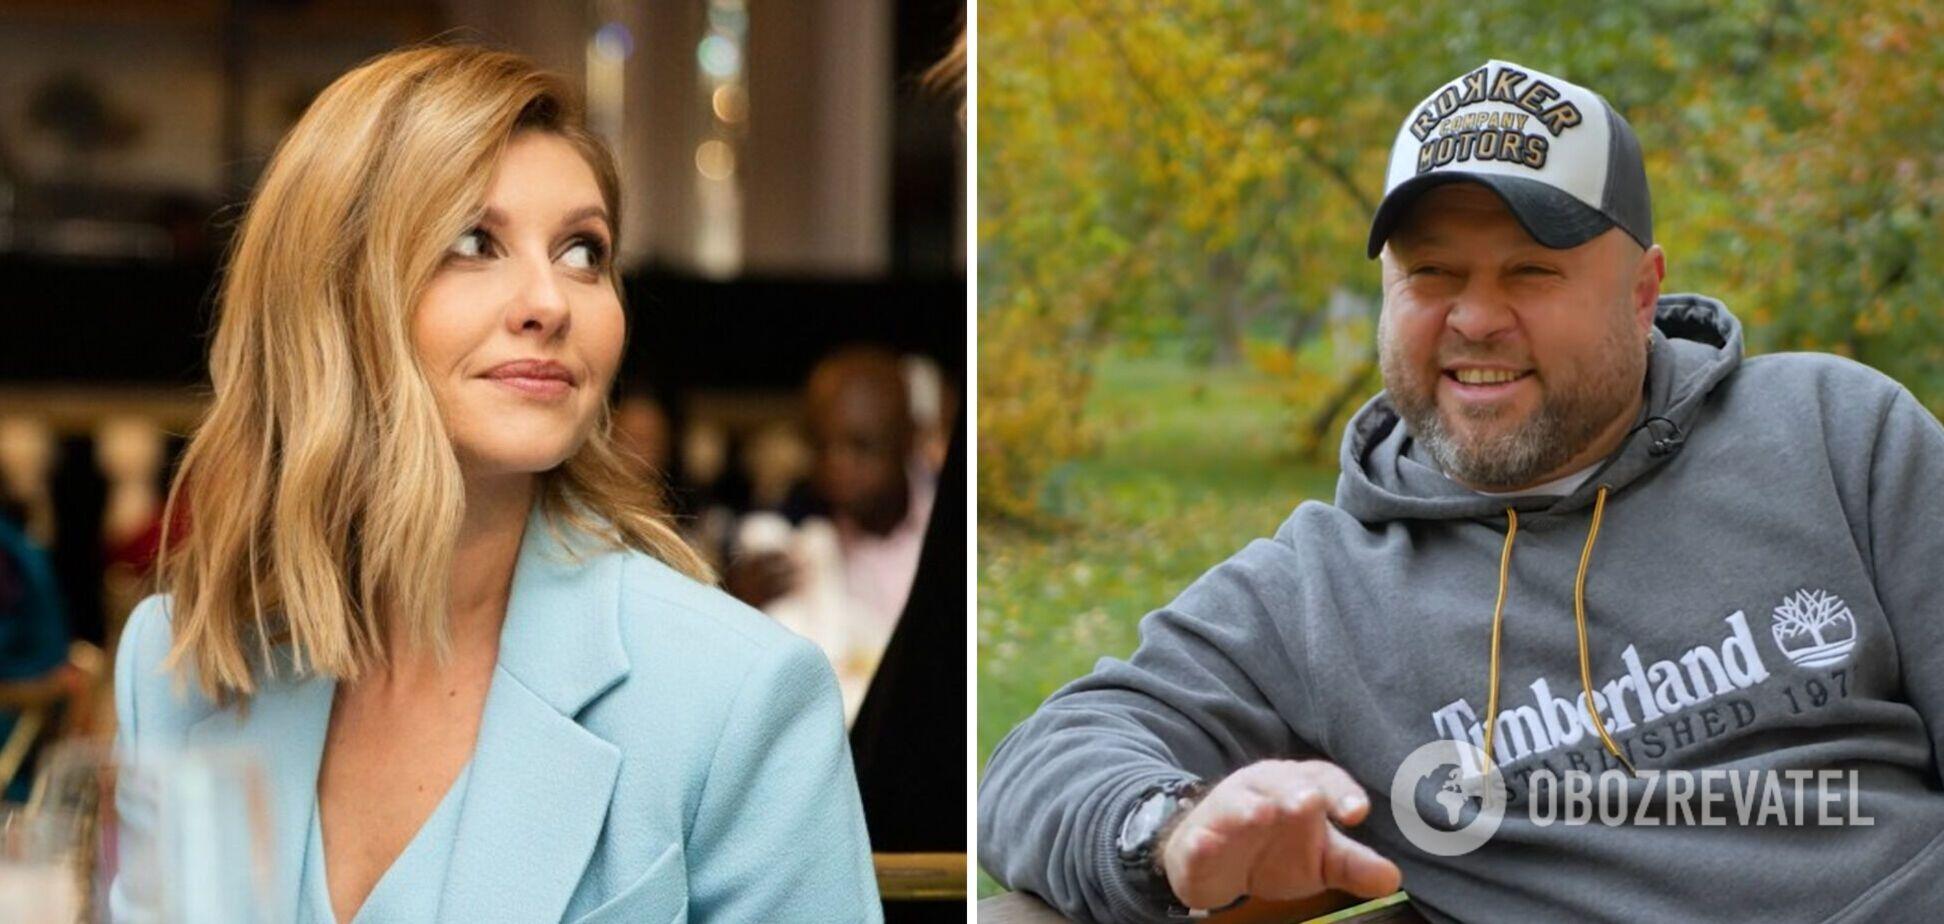 'Маленький кайфець': Пікалов зізнався, що Зеленська продовжує працювати у 'Кварталі'